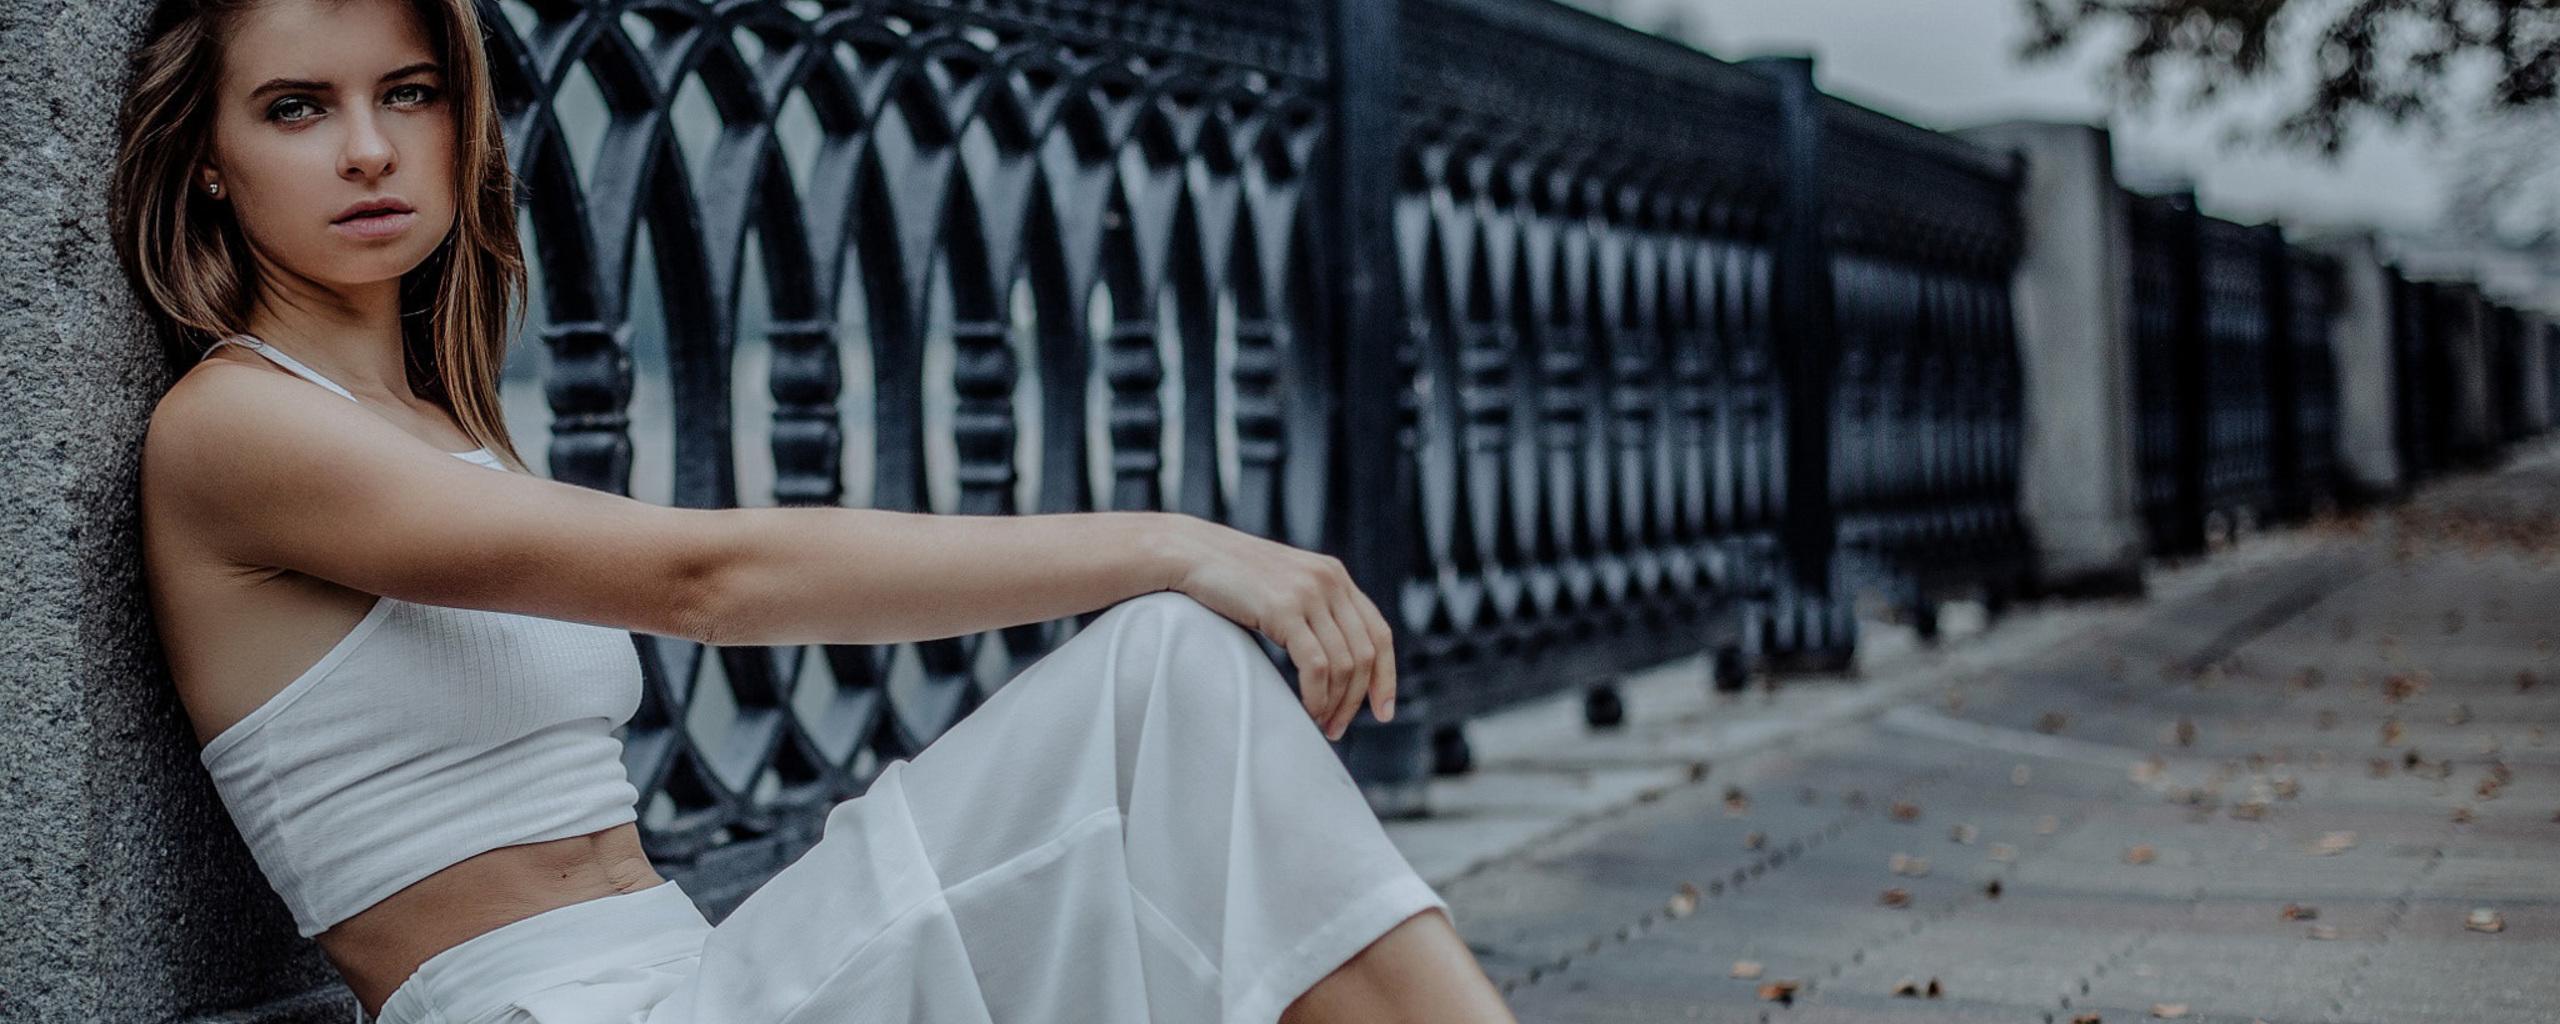 white-dress-girl-sitting-80.jpg